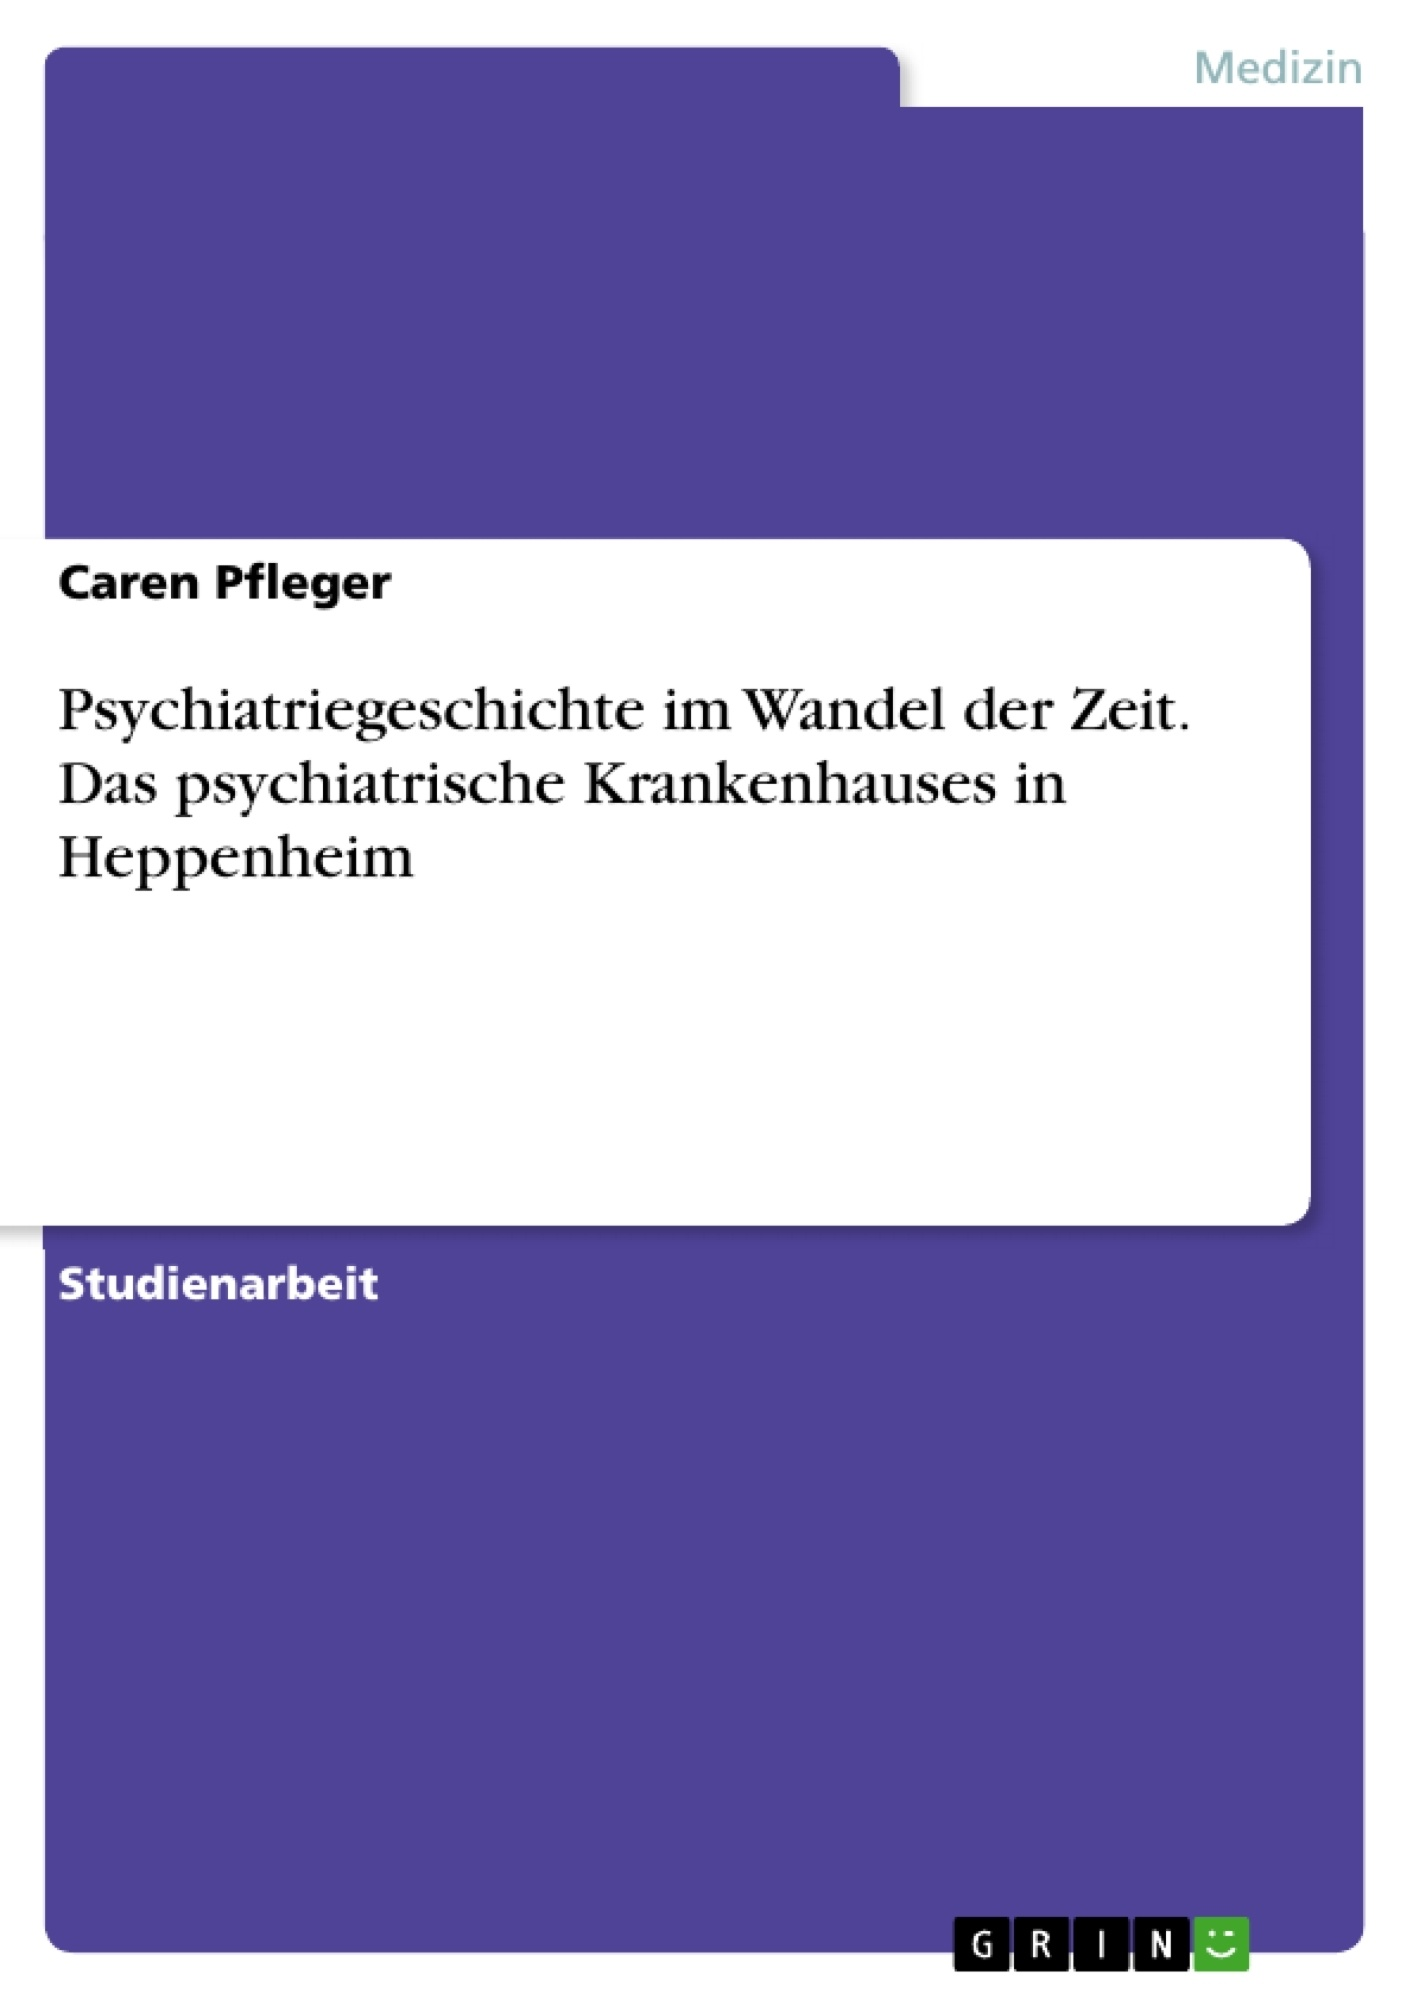 Psychiatriegeschichte im Wandel der Zeit. Das psychiatrische ...